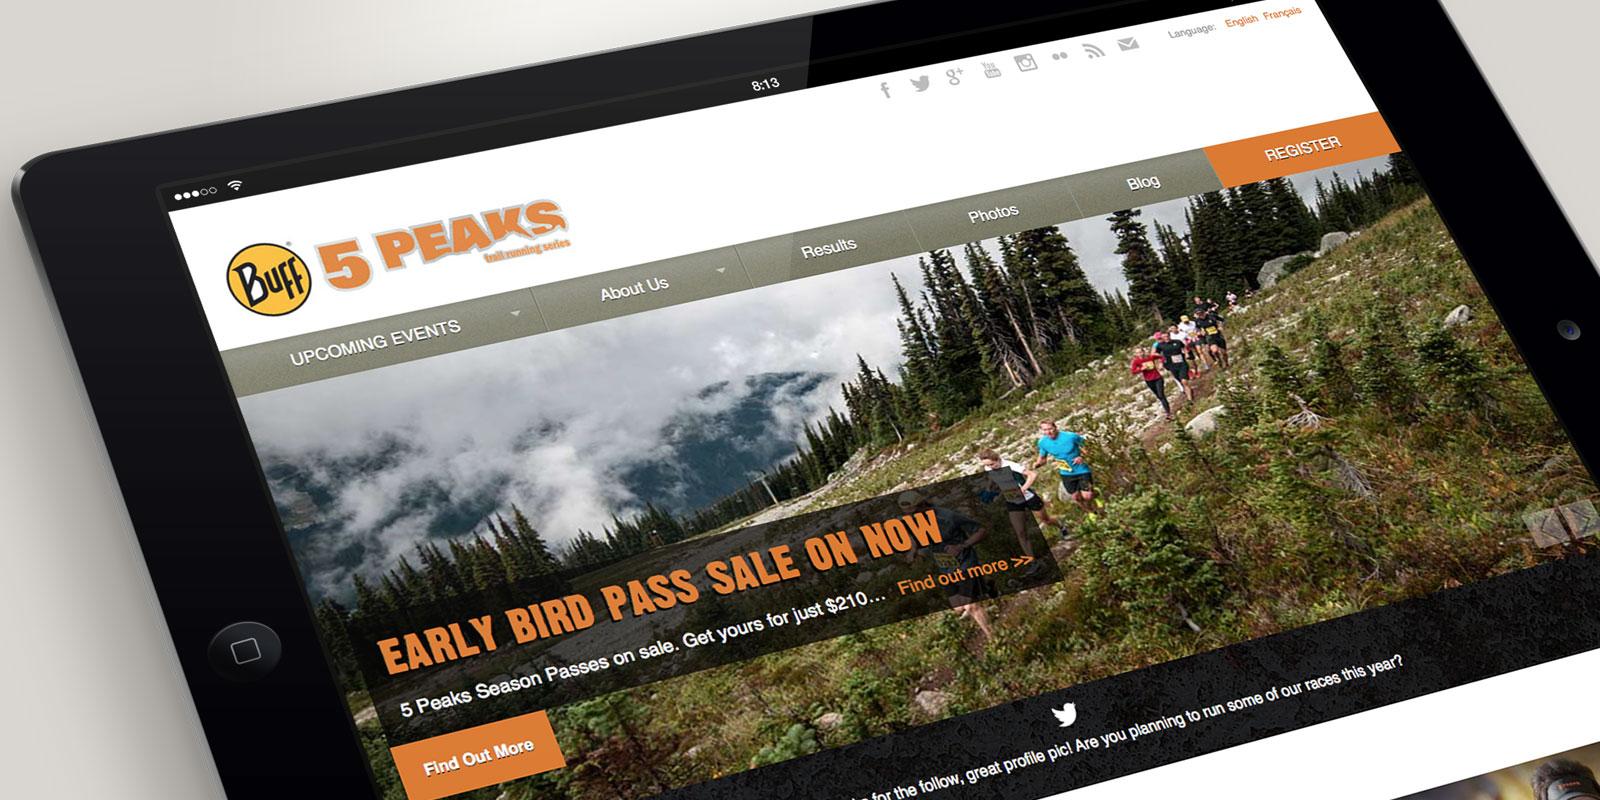 5 Peaks website